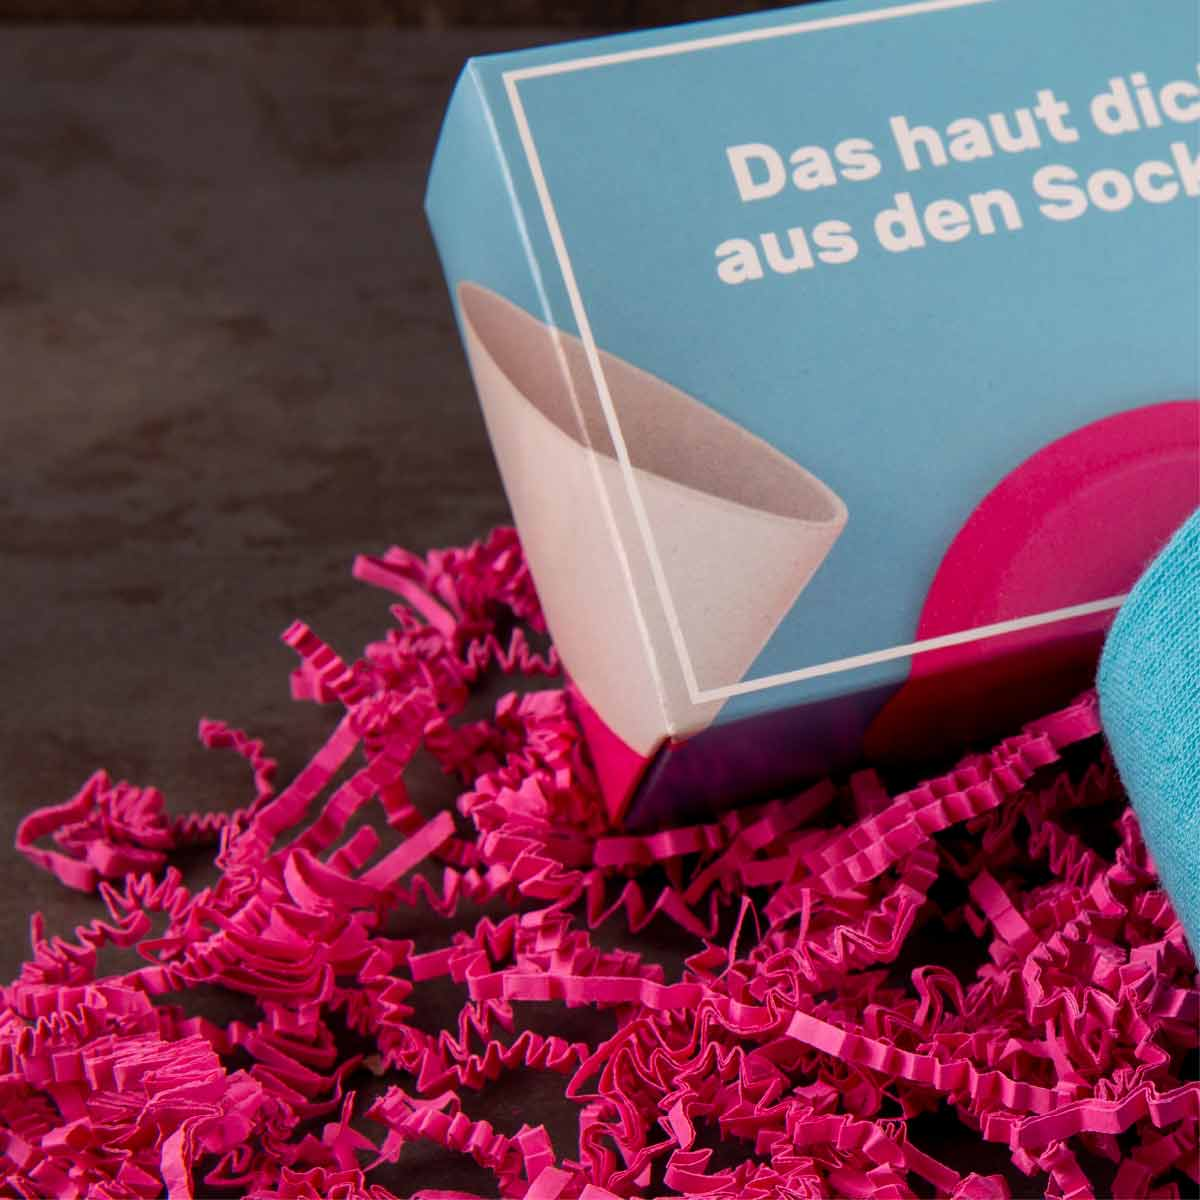 Twin-Promotion-Socken-links